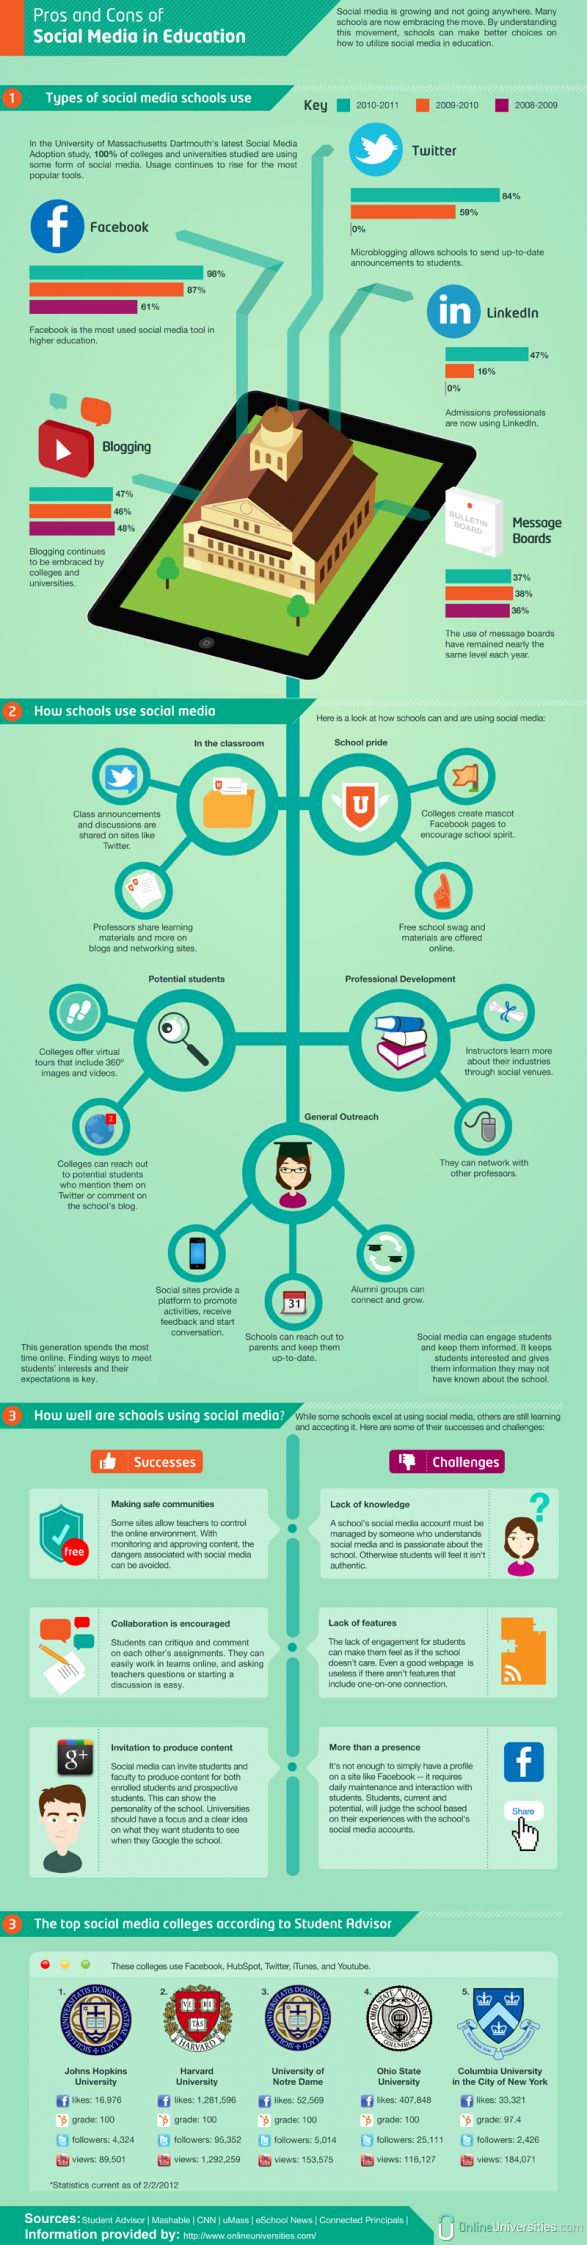 Social Media in Education: Digital Marketing, Schools, Student, Social Media Infographic, Higher Education, Socialmedia, Levantar- Against, Medium, Rede Social